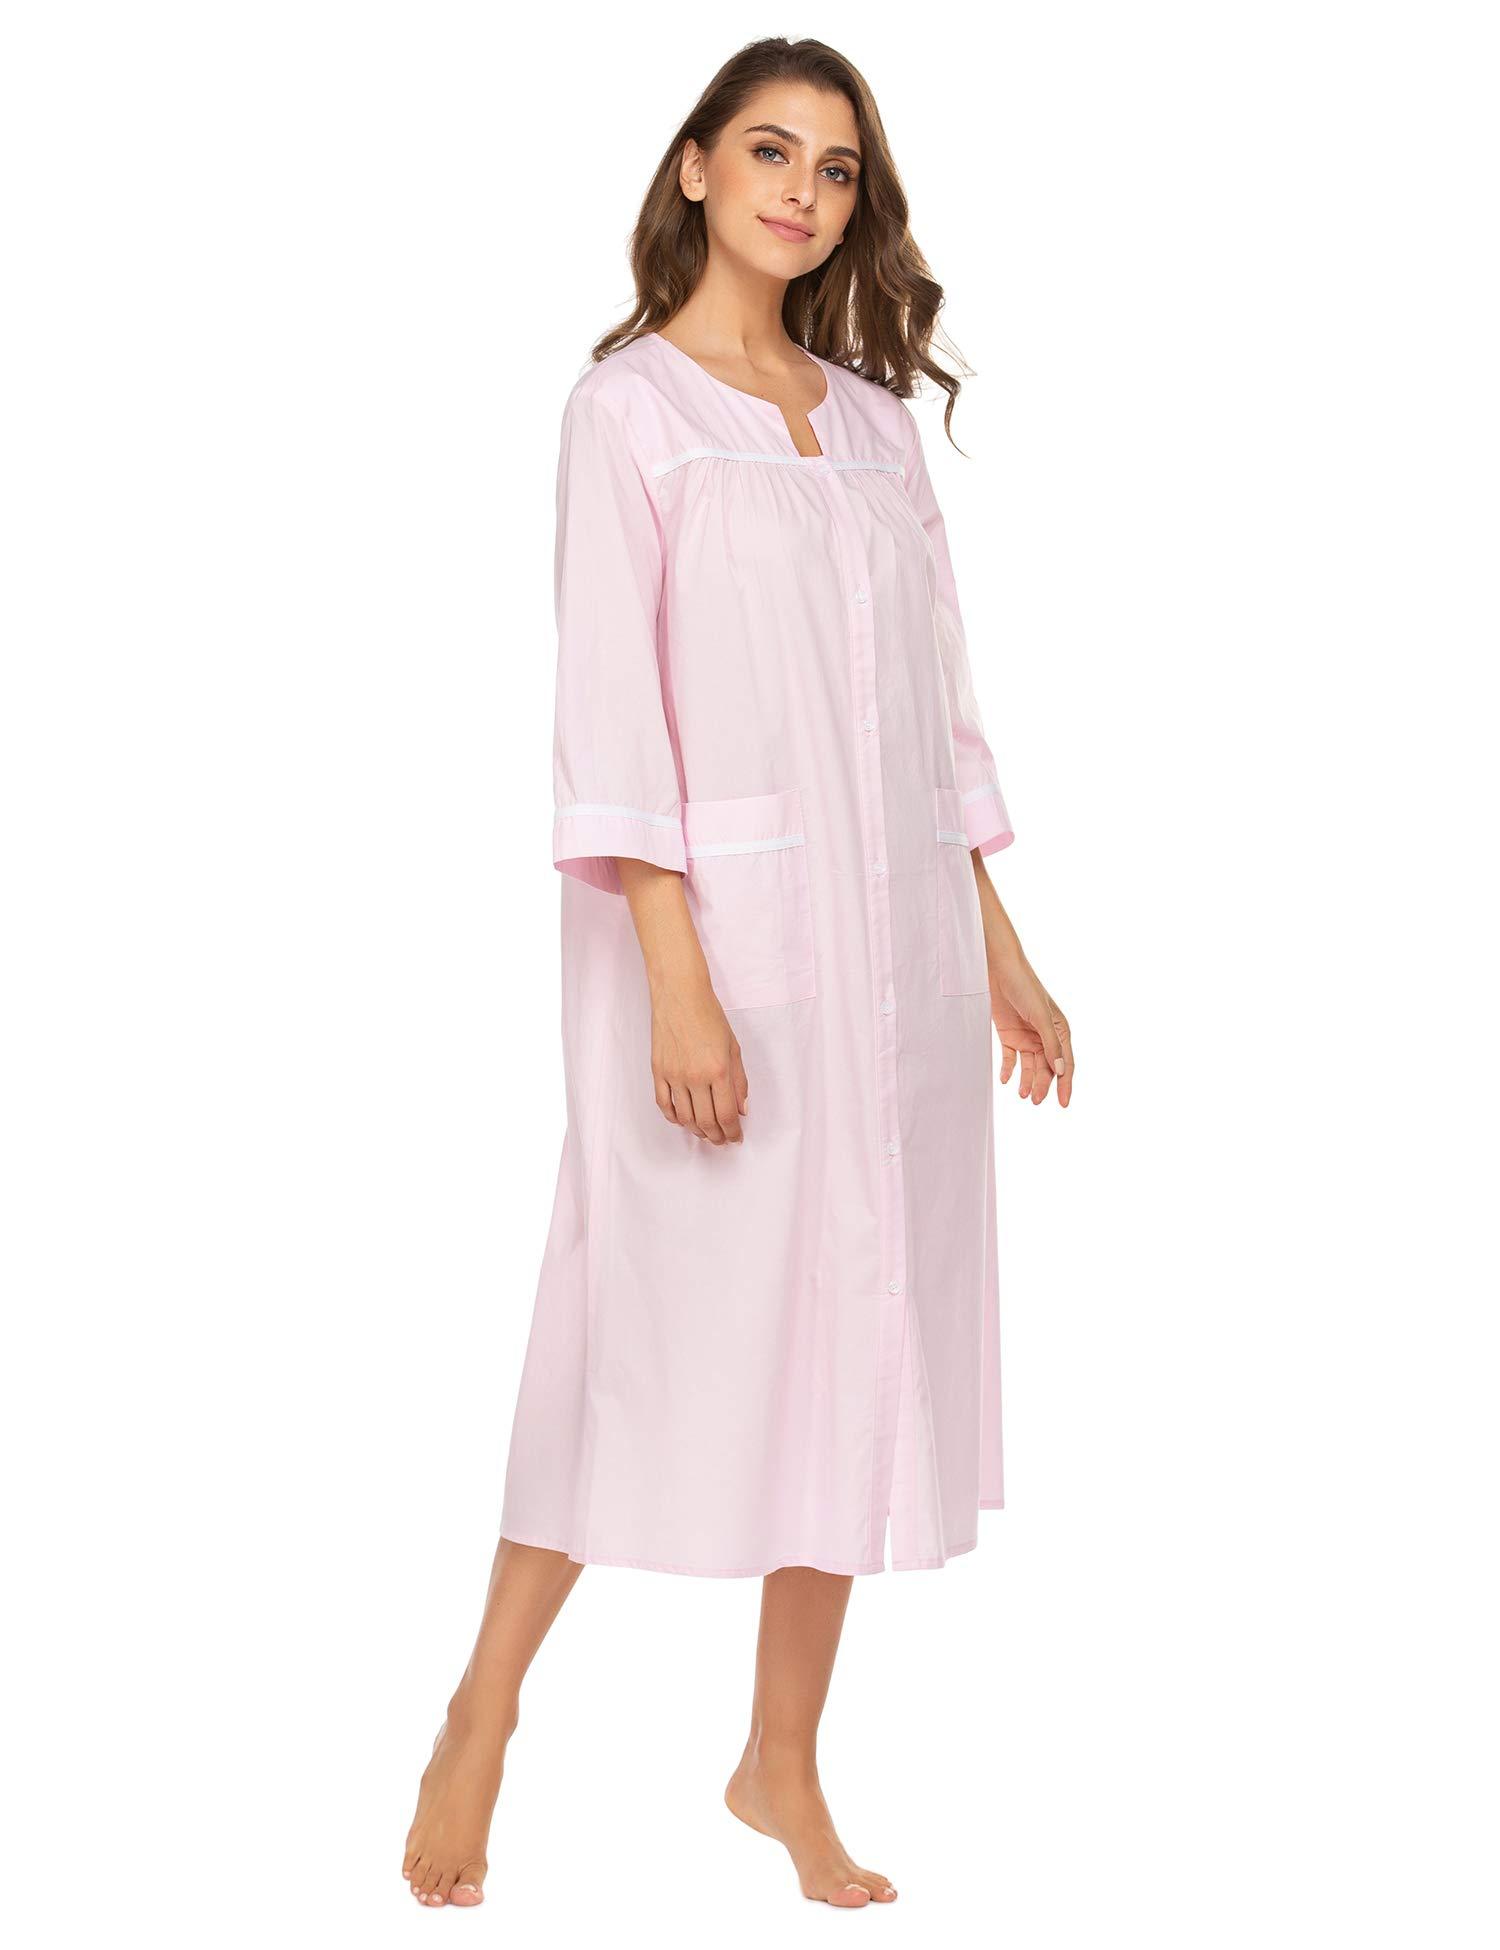 luxilooks Sleepwear Womens Dusters Seersucker 3/4 Sleeve Housecoats Button-Down Long Nightgown Casual House Dress S-XXL